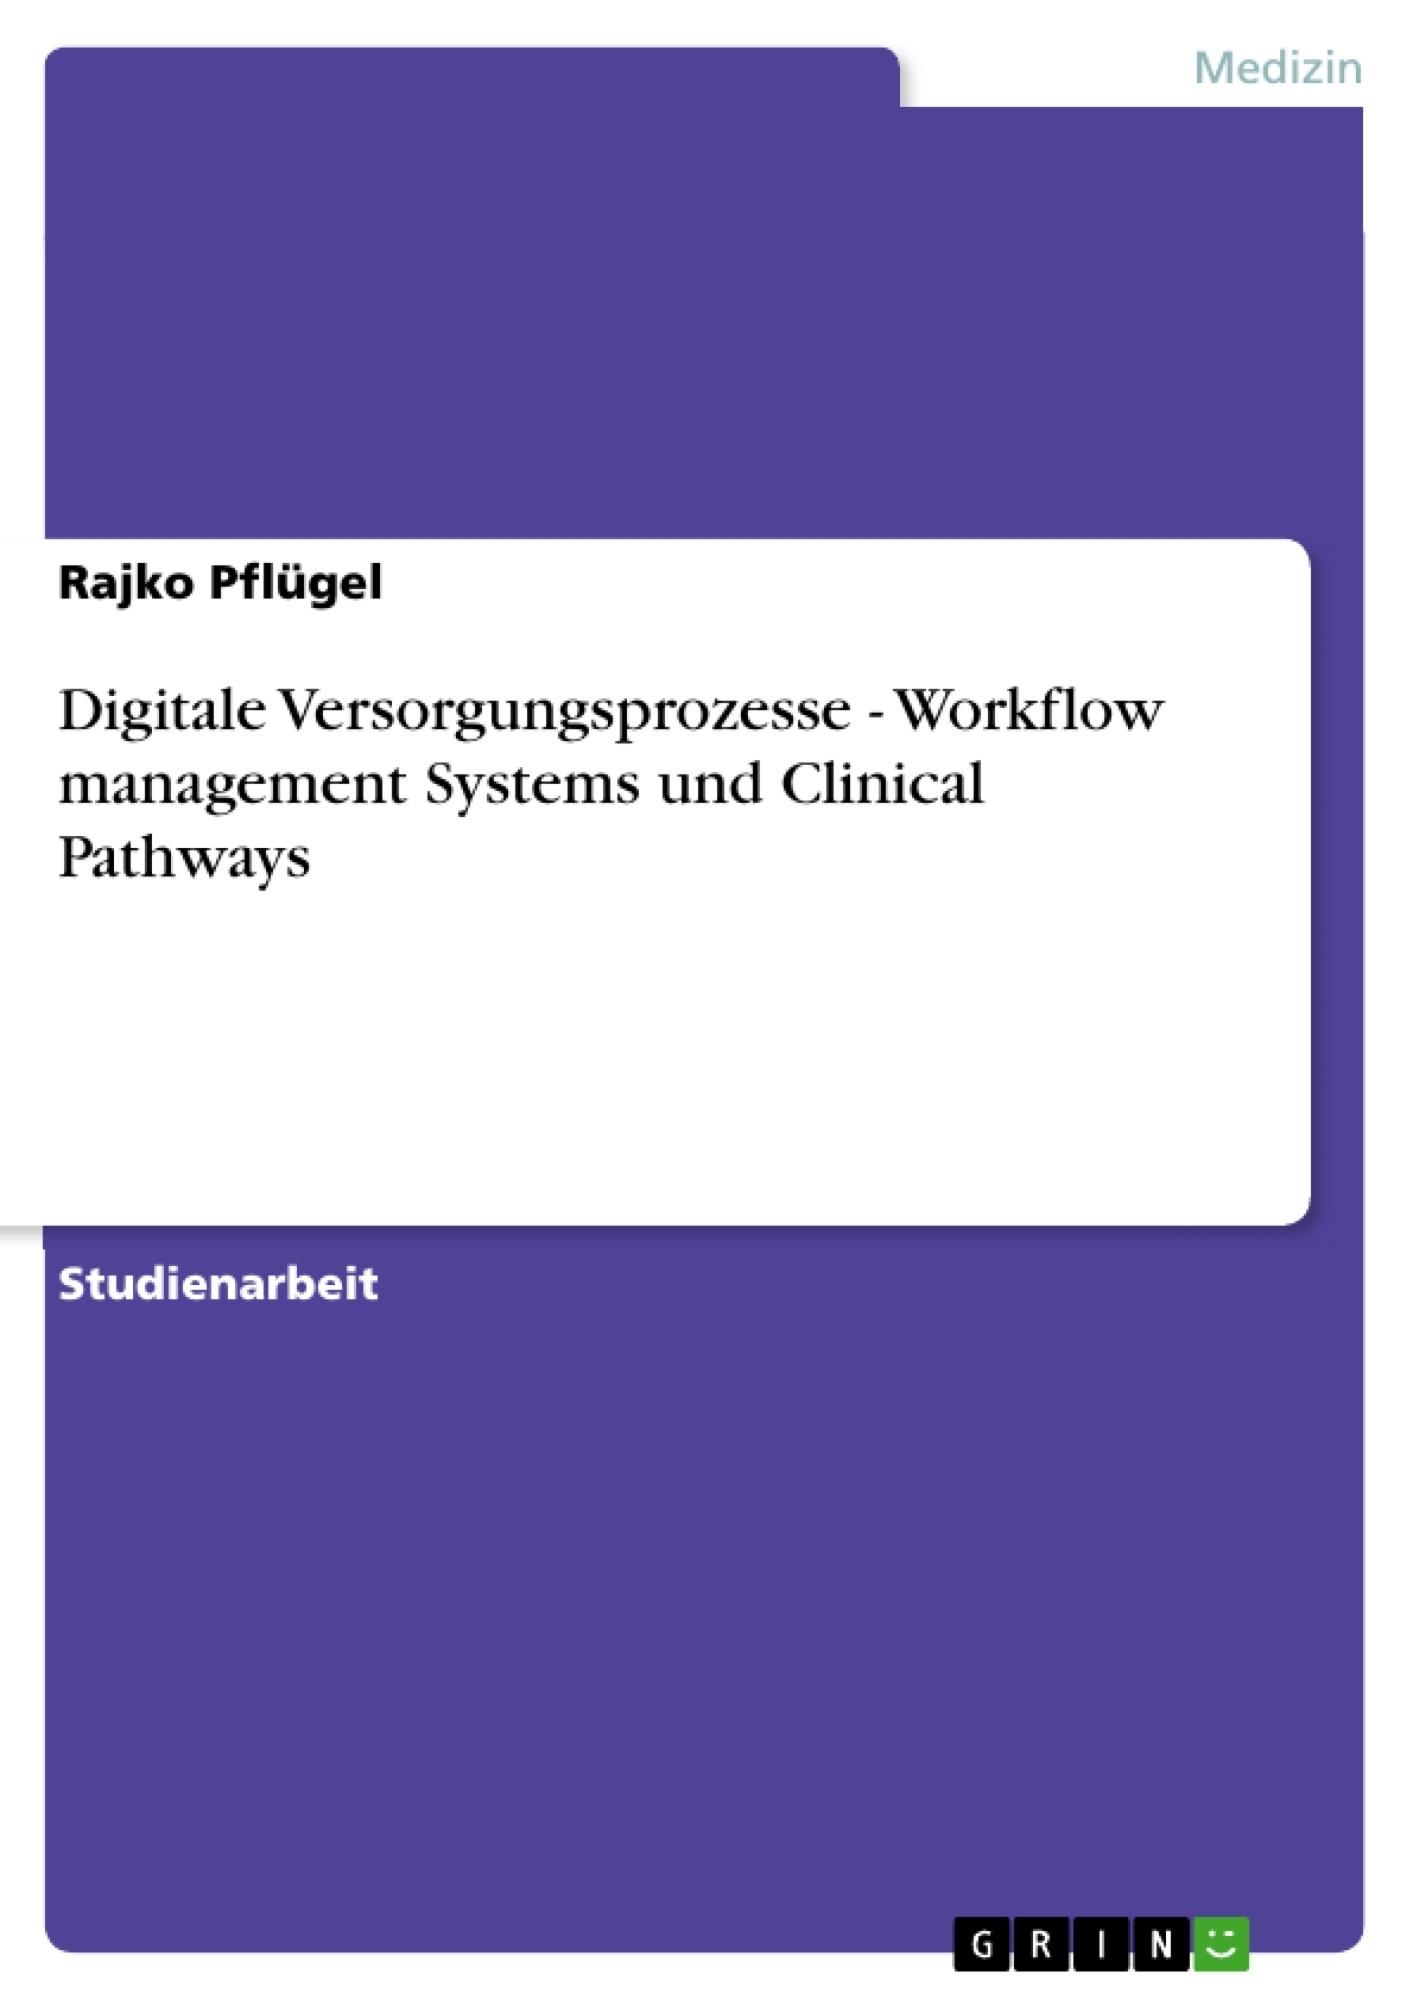 Titel: Digitale Versorgungsprozesse - Workflow management Systems und Clinical Pathways